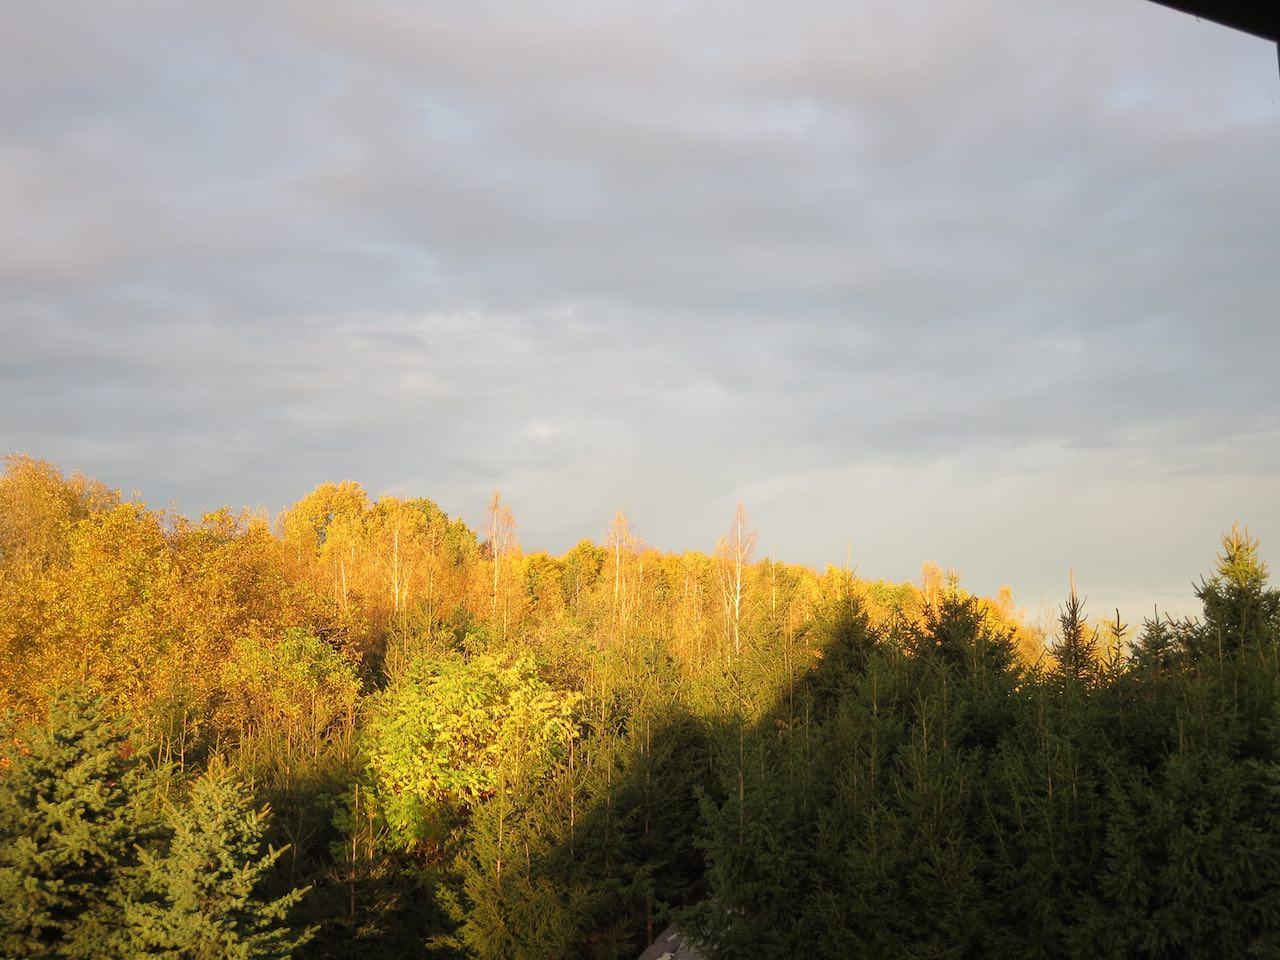 Ein Waldrand halb in der Sonne halb im Schatten